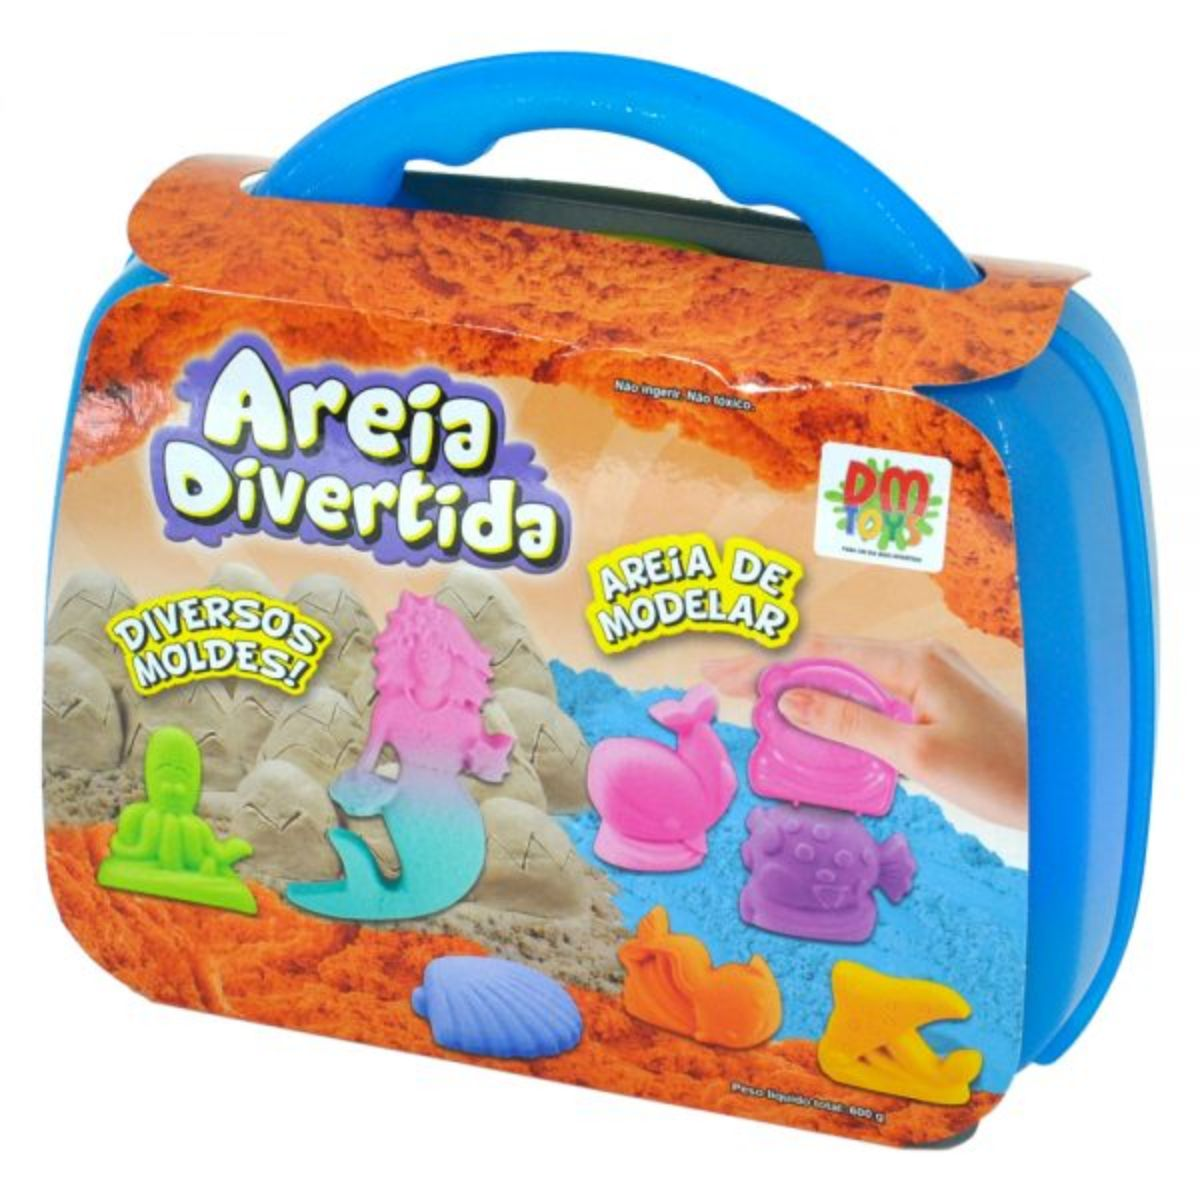 Areia Cinética Massinha de Areia Massa de Areia Areia Mágica Areia Divertida Areia Mágica Maleta Fundo do Mar DM Toys Brinquedo Infantil